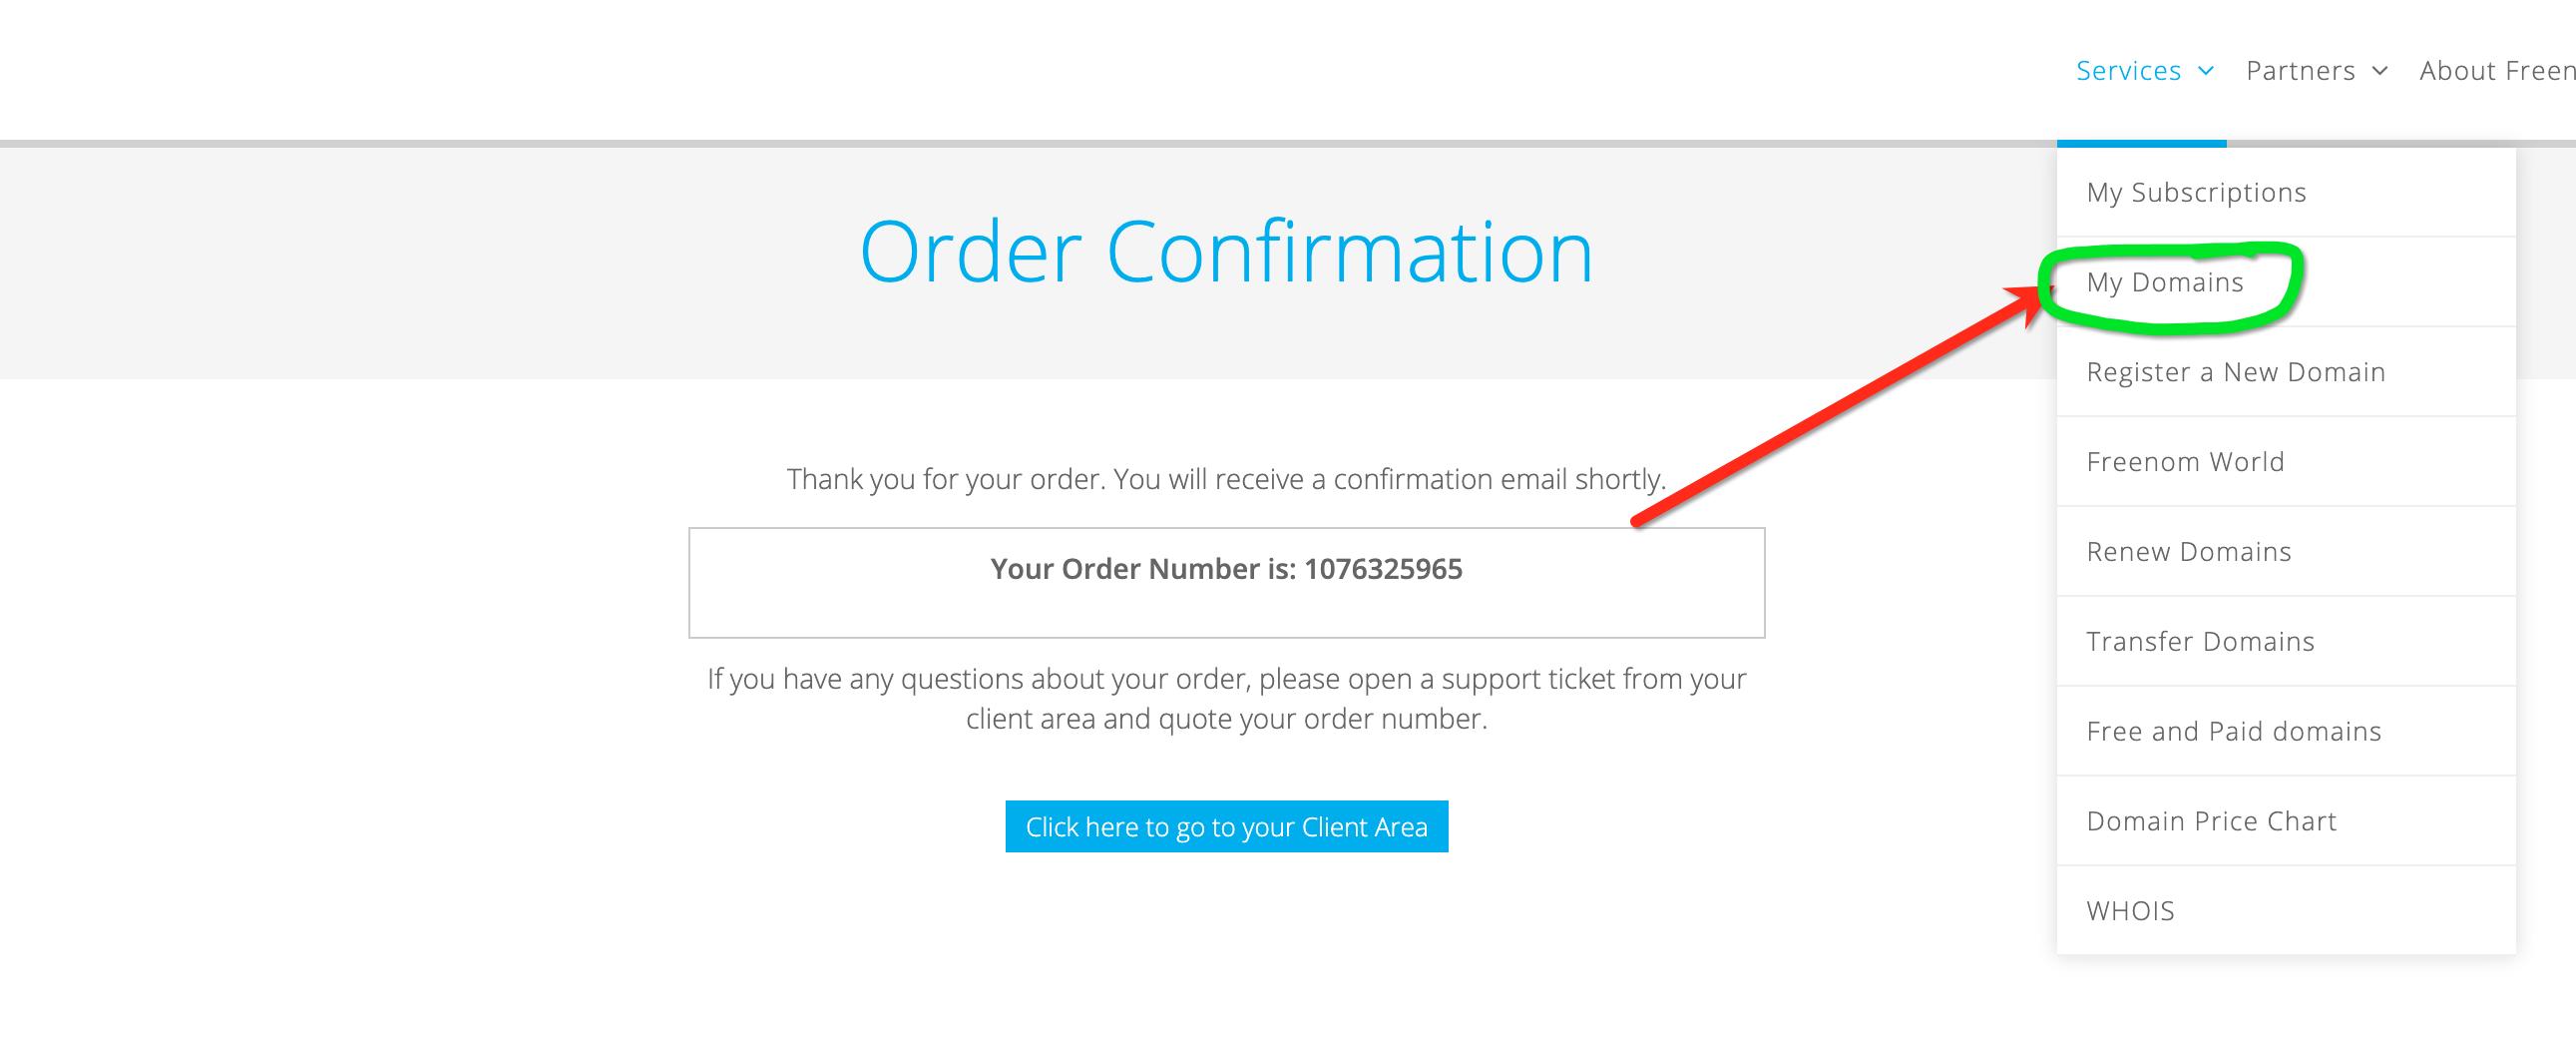 Freenom Order Confirmation